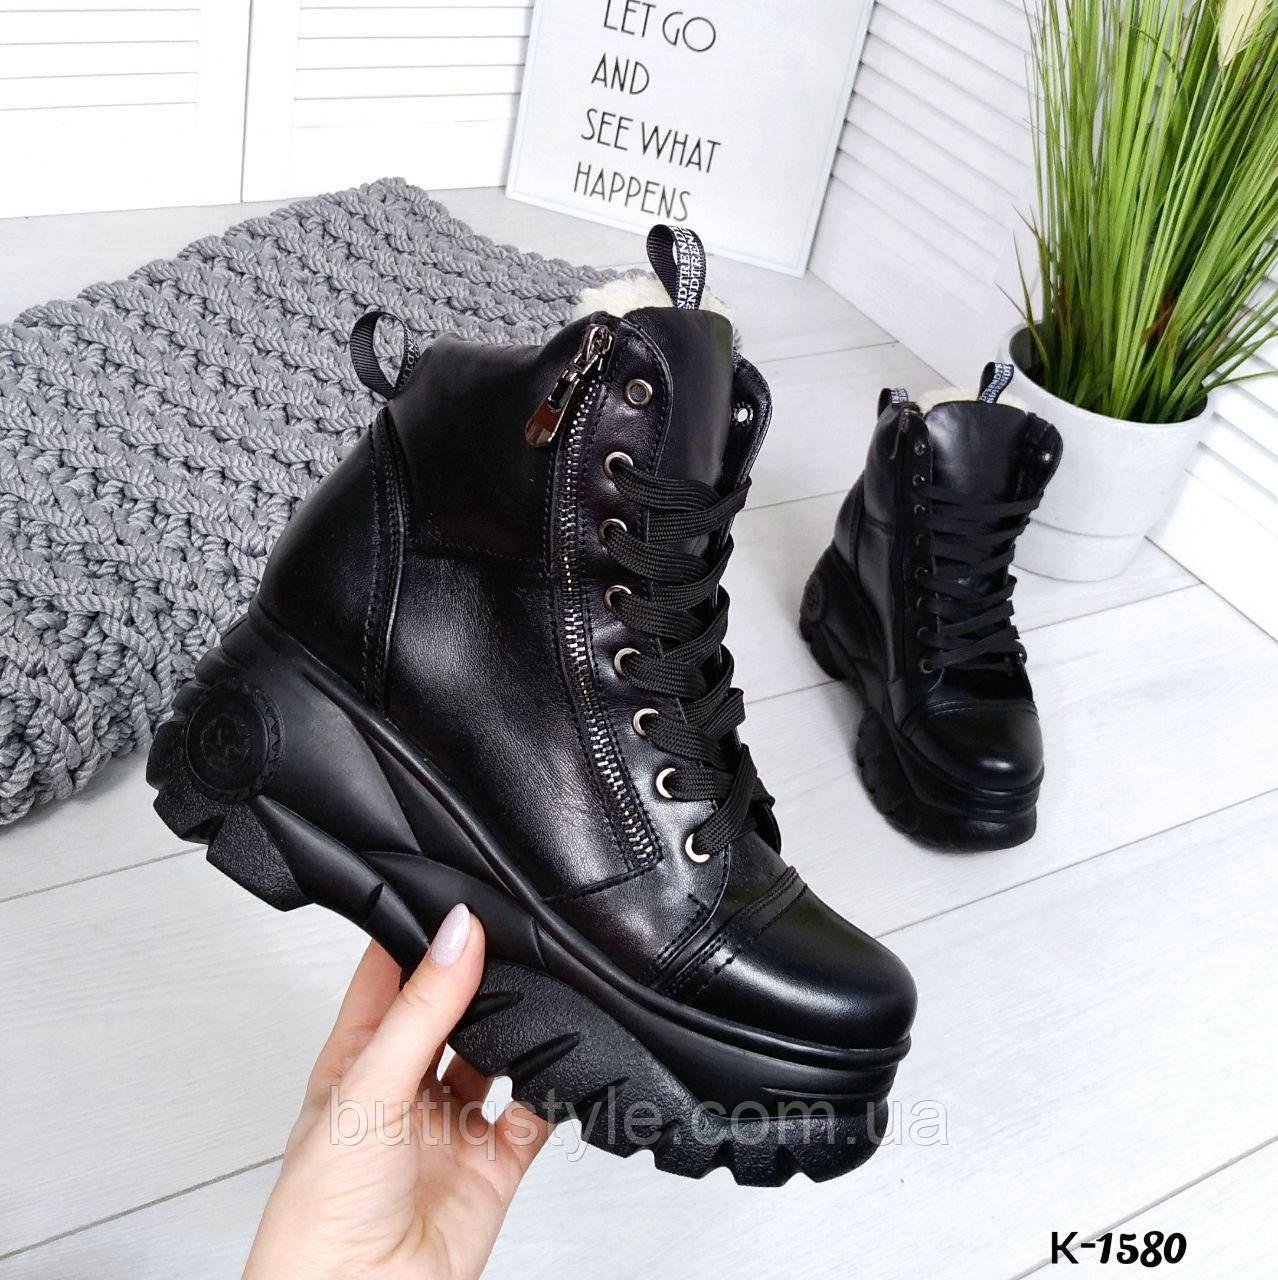 Зимние черные ботинки натуральная кожа на платформе